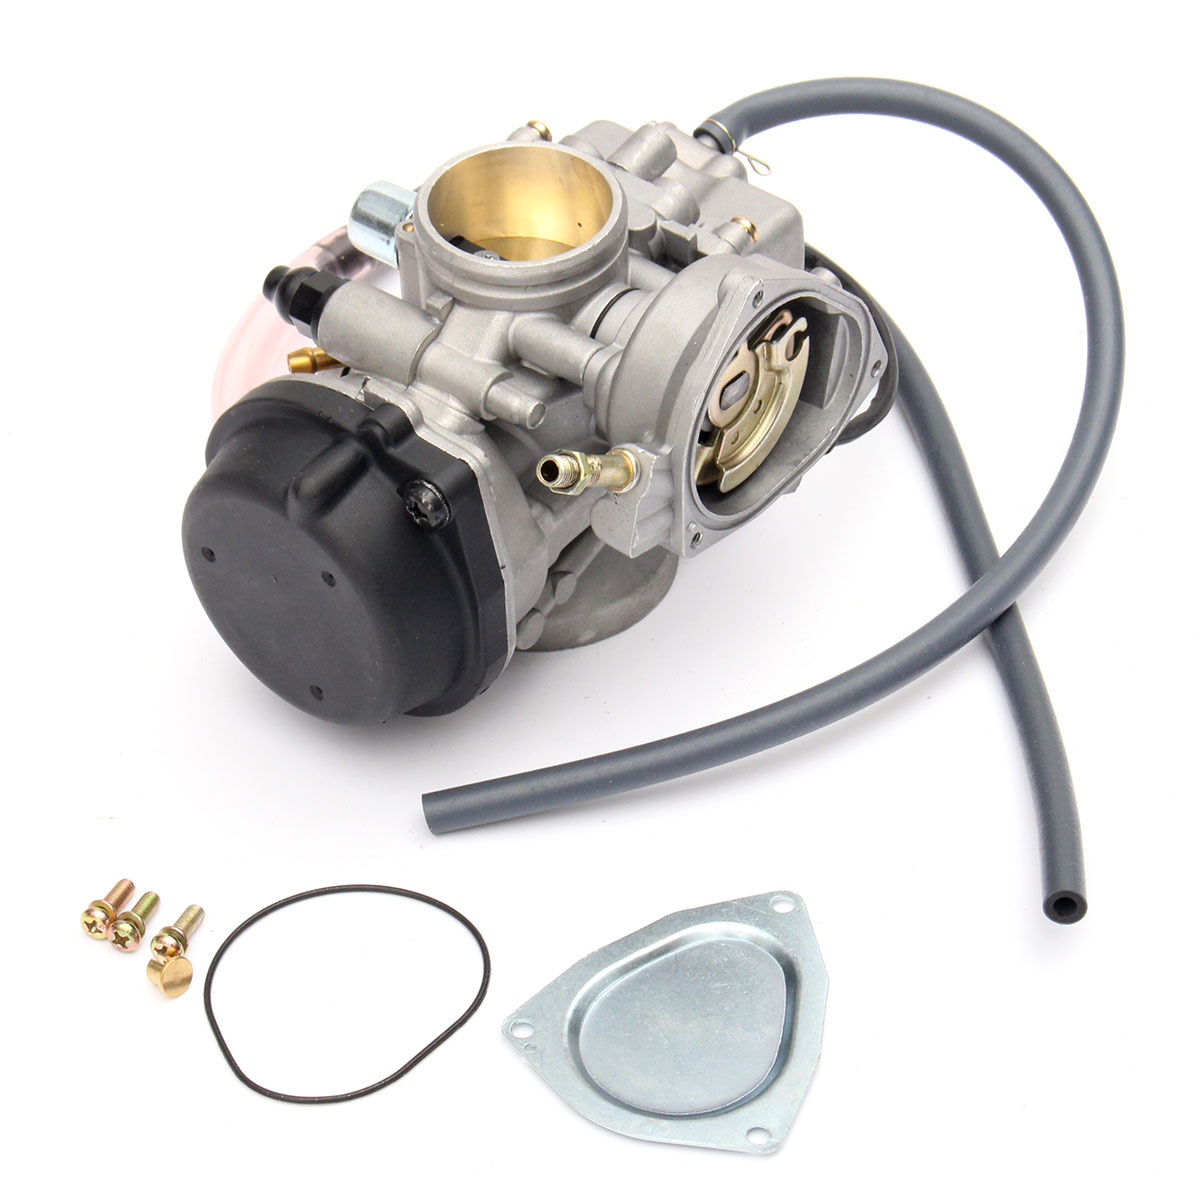 Pour Suzuki LTZ400 2003 2004 2005 2006 2007 ZZP-86732-1 nouveau carburateur ATV Carb d'admission et systèmes de carburant